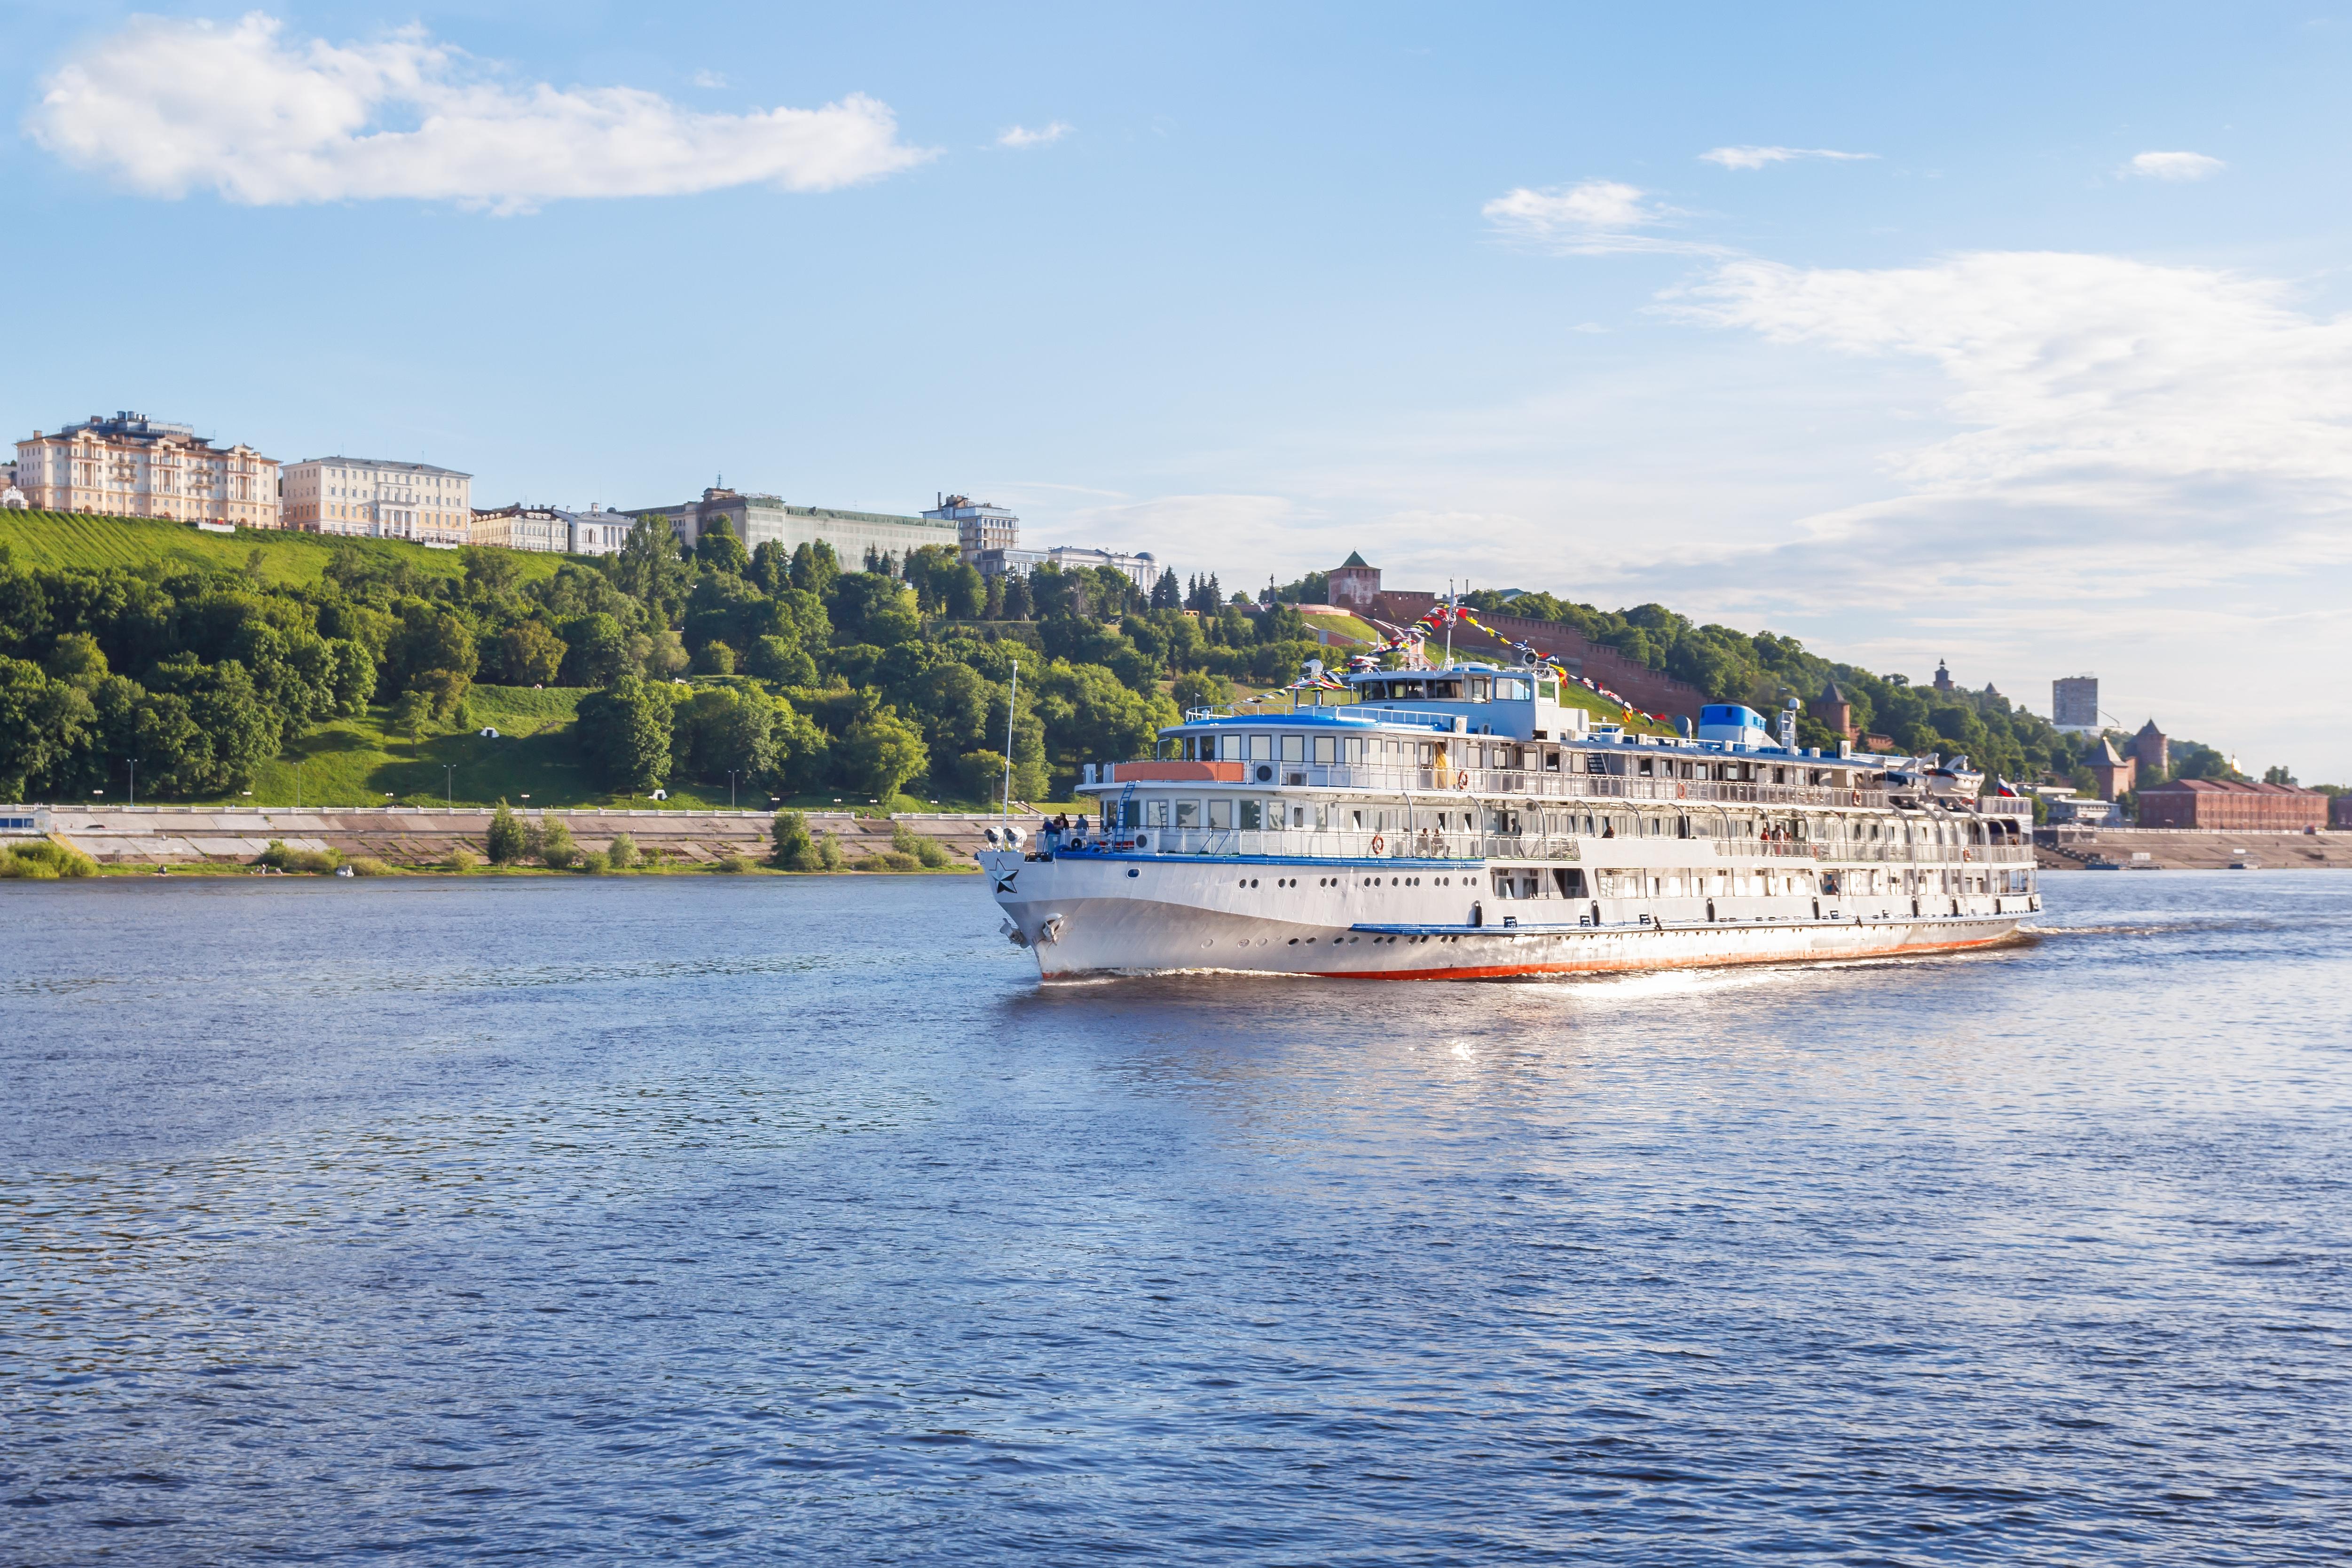 Речной транспорт в Нижнем Новгороде